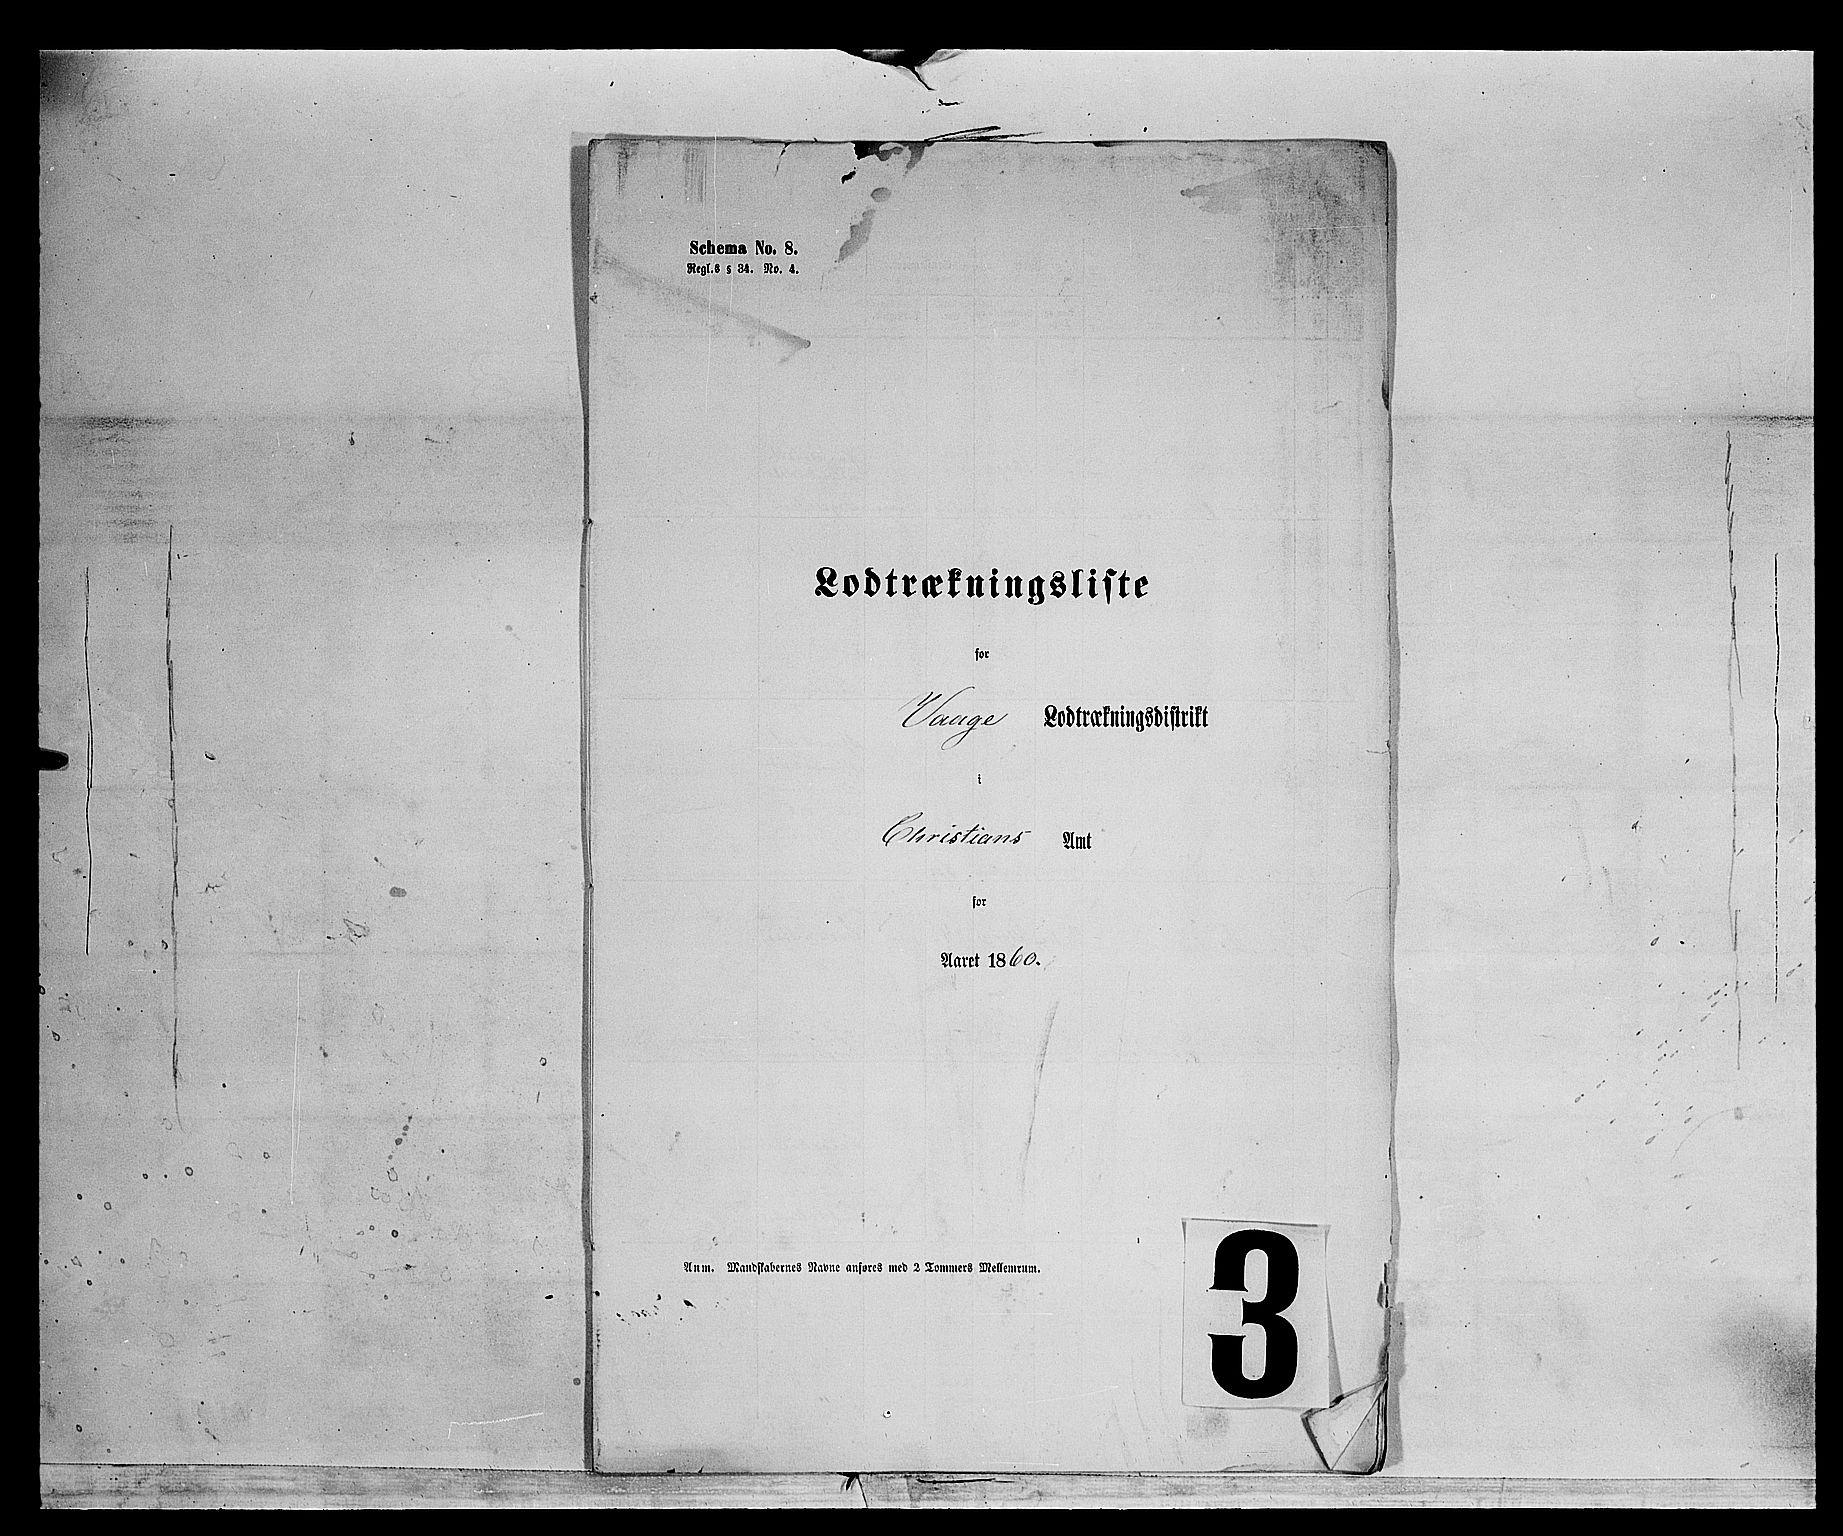 SAH, Fylkesmannen i Oppland, K/Kg/L1174: Fron, Nordre og Søndre Fron, Vågå, 1860-1879, s. 4899